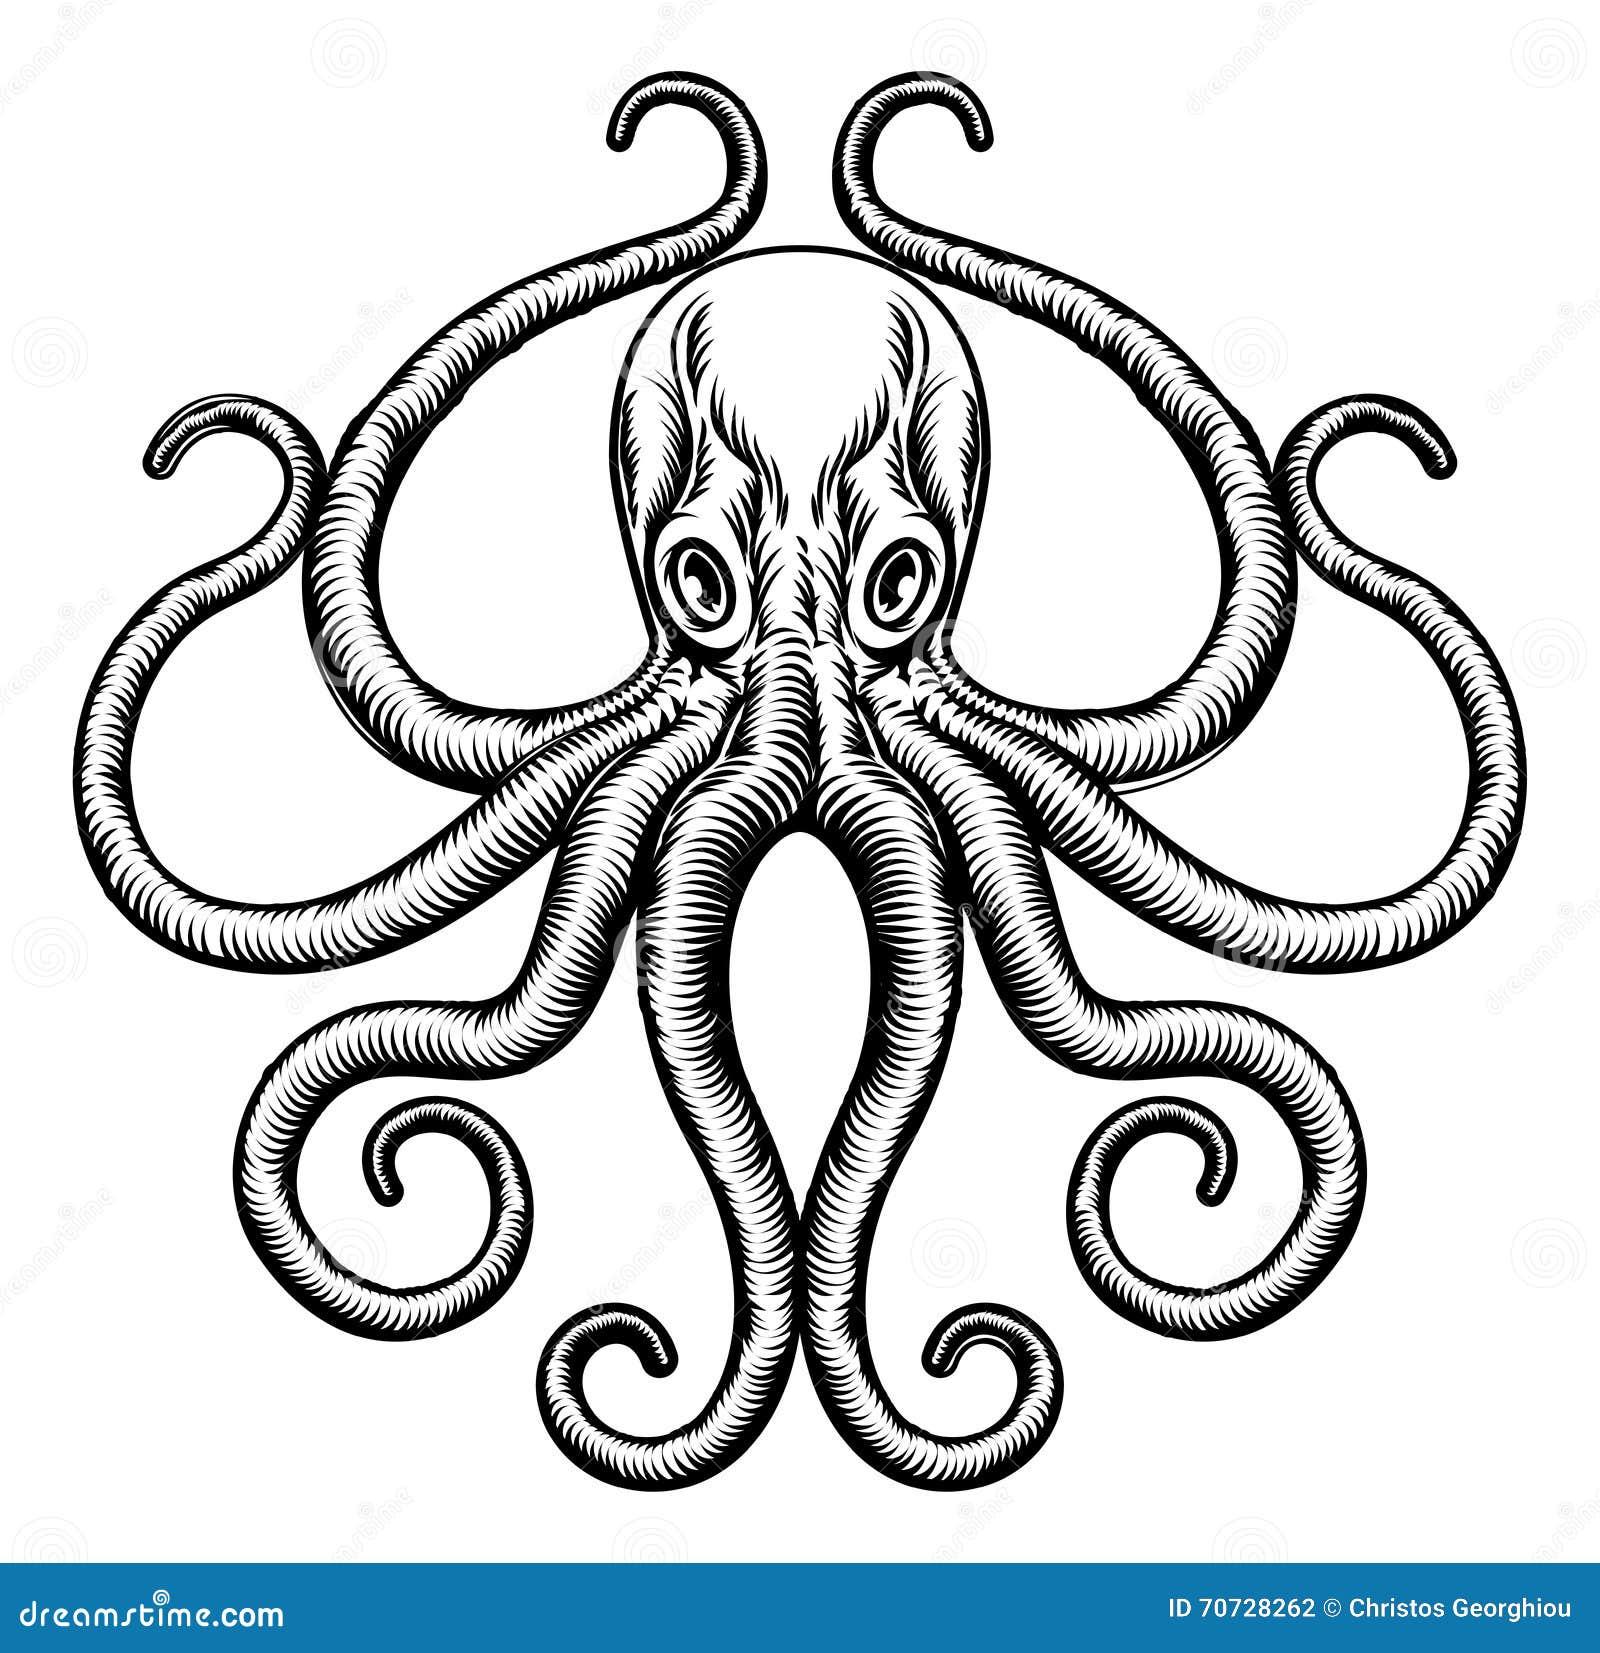 Octopus of Pijlinktvisillustratie